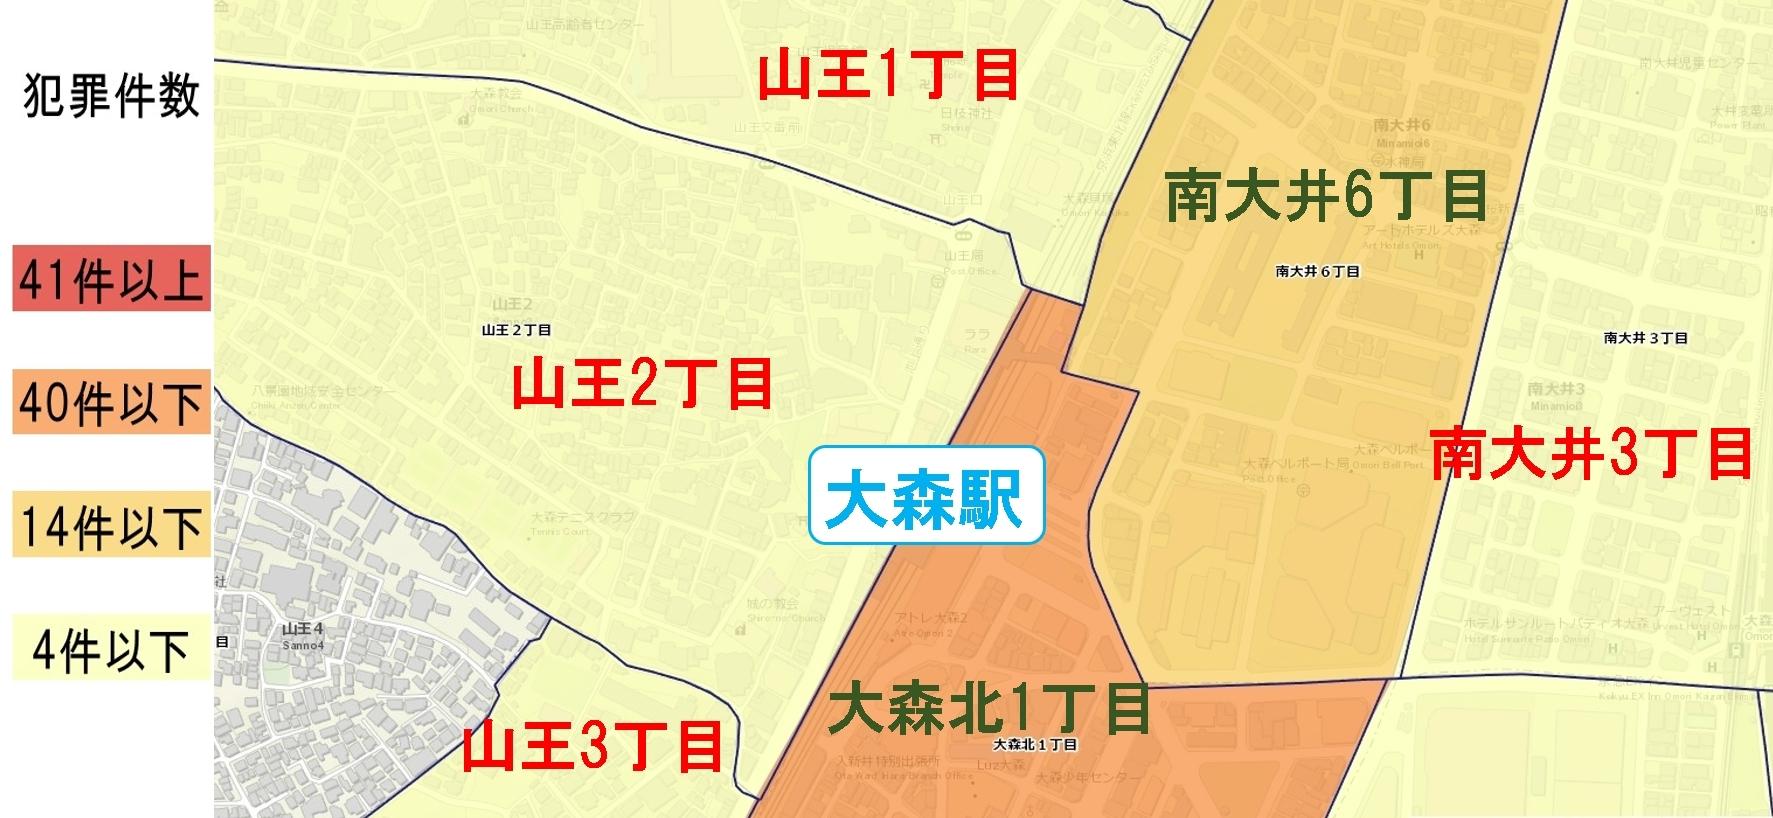 大森駅周辺の粗暴犯の犯罪件数マップ